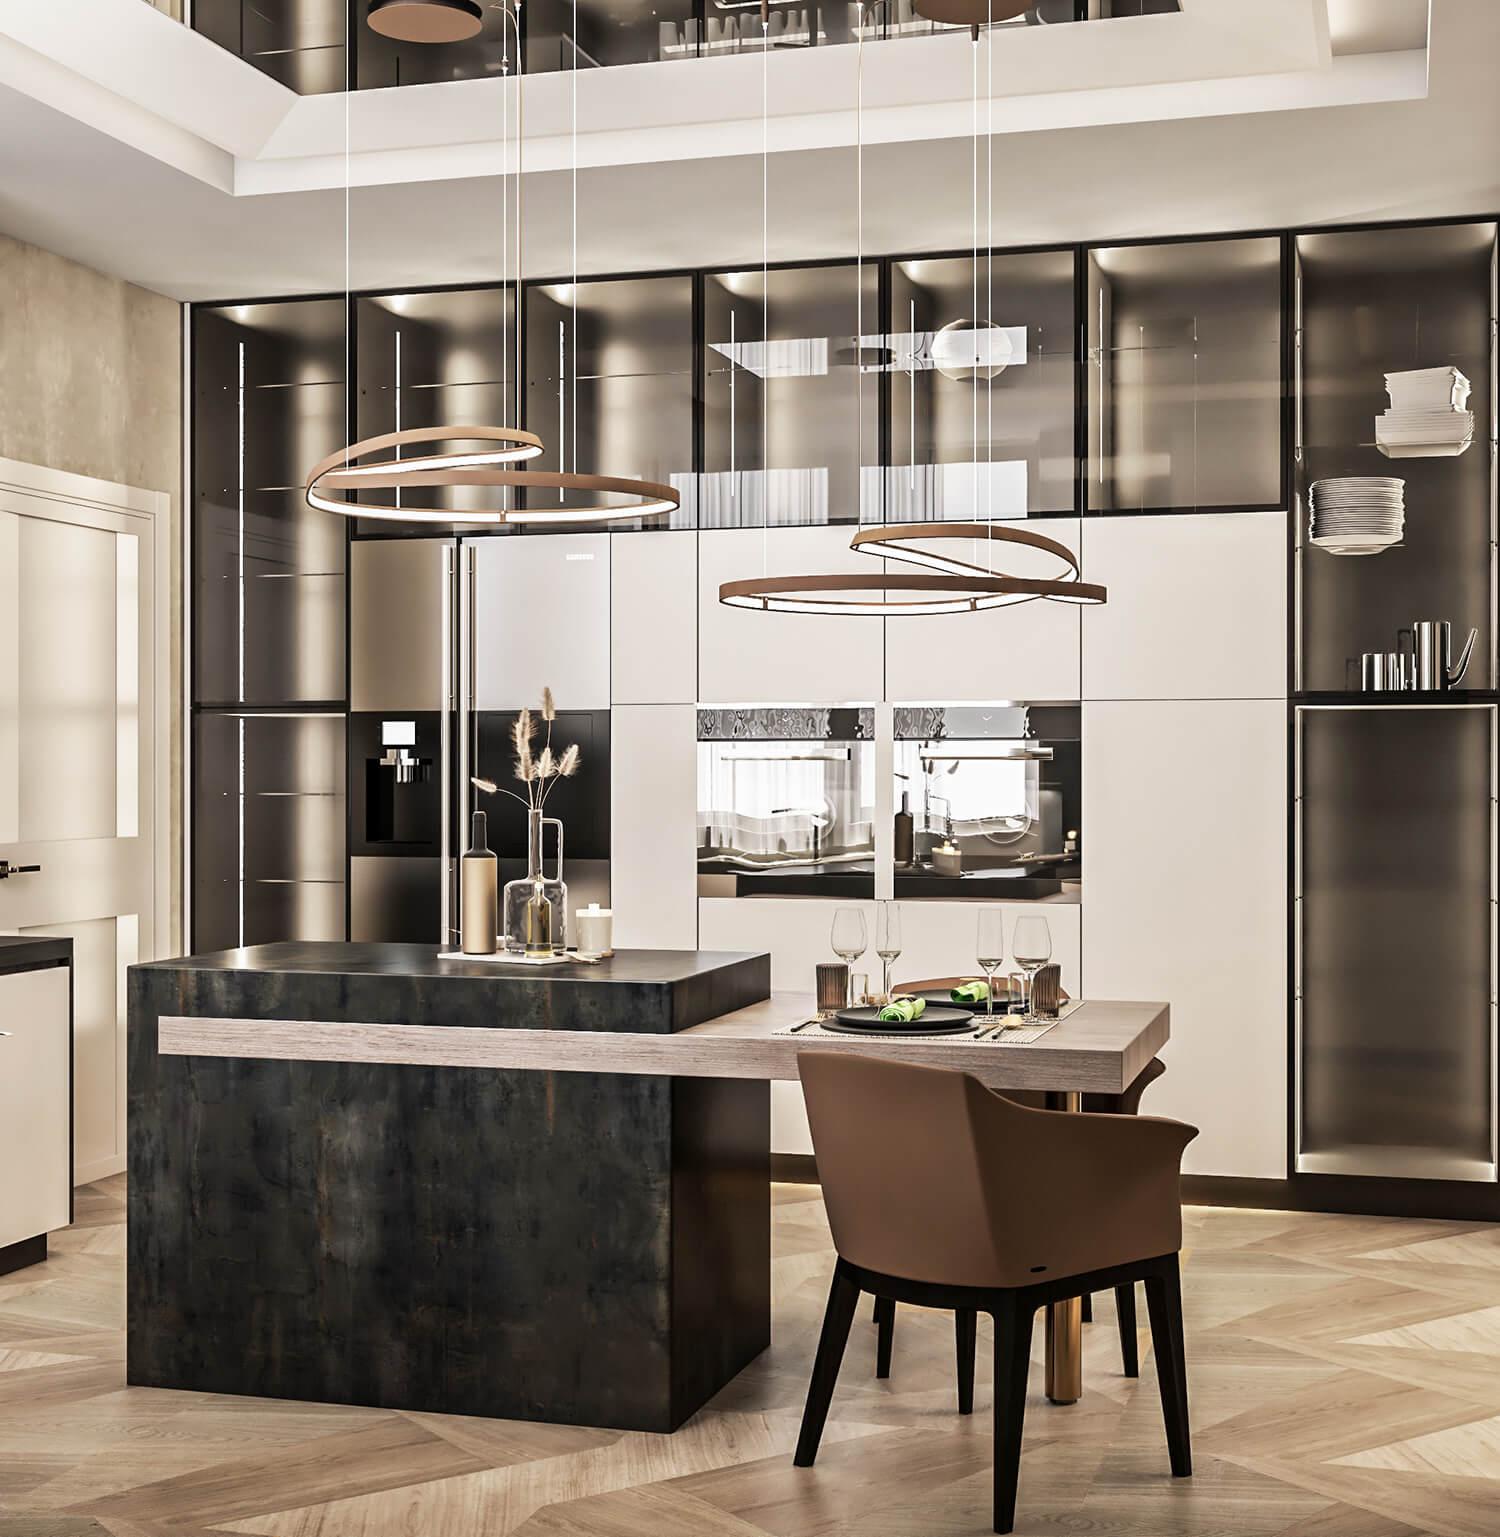 interioren-dizain-proekt-na-luksozna-kashta-kuhnia